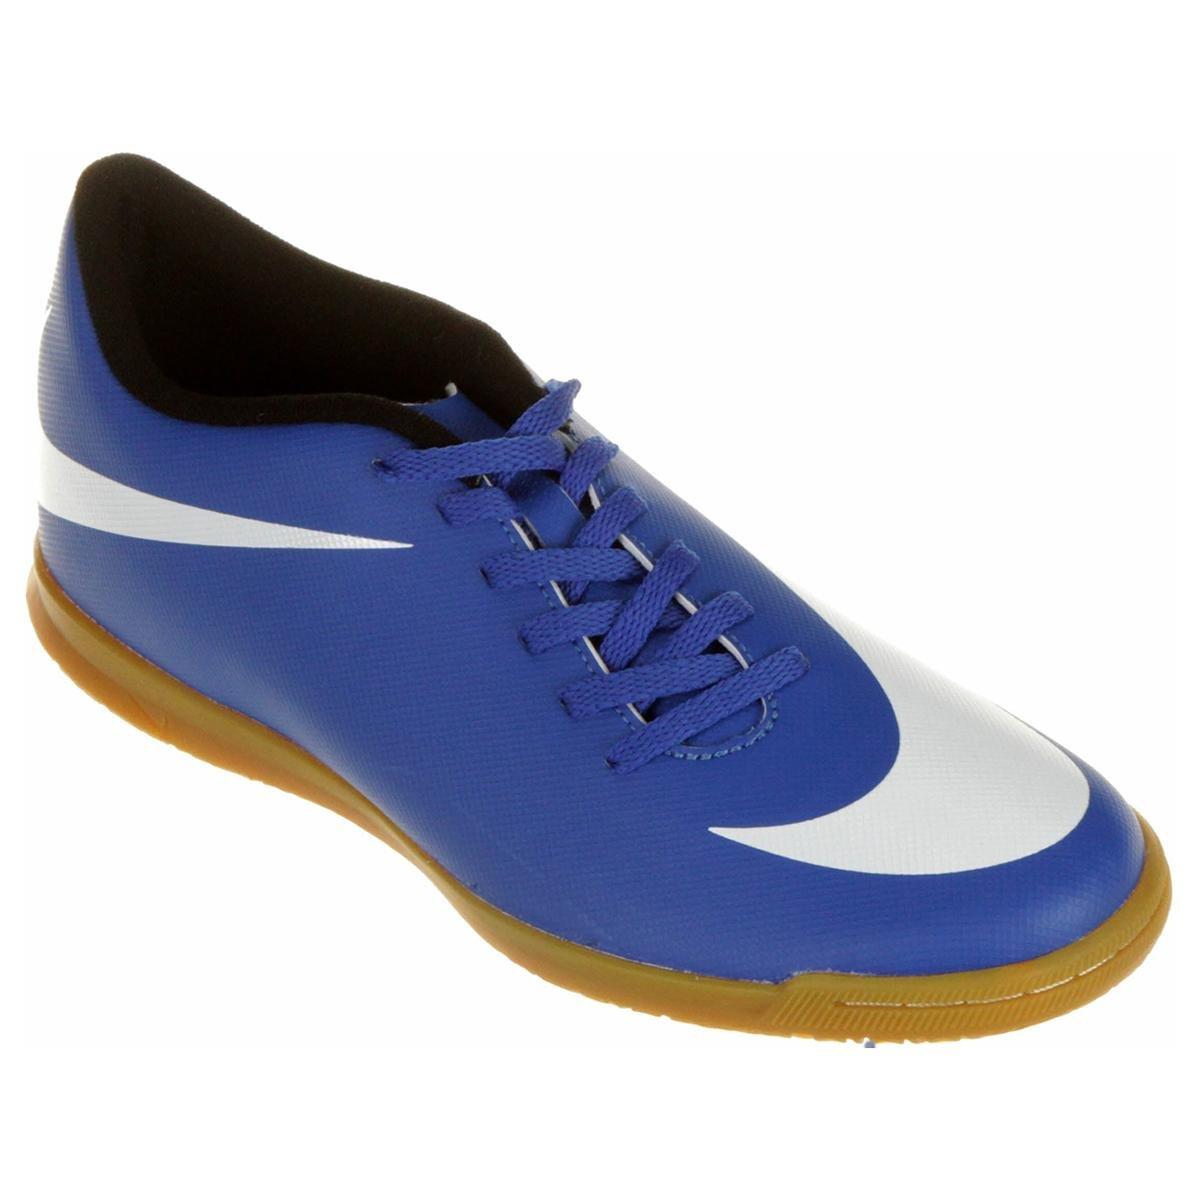 929bba1f8a Chuteira Futsal Nike Bravata IC - Compre Agora